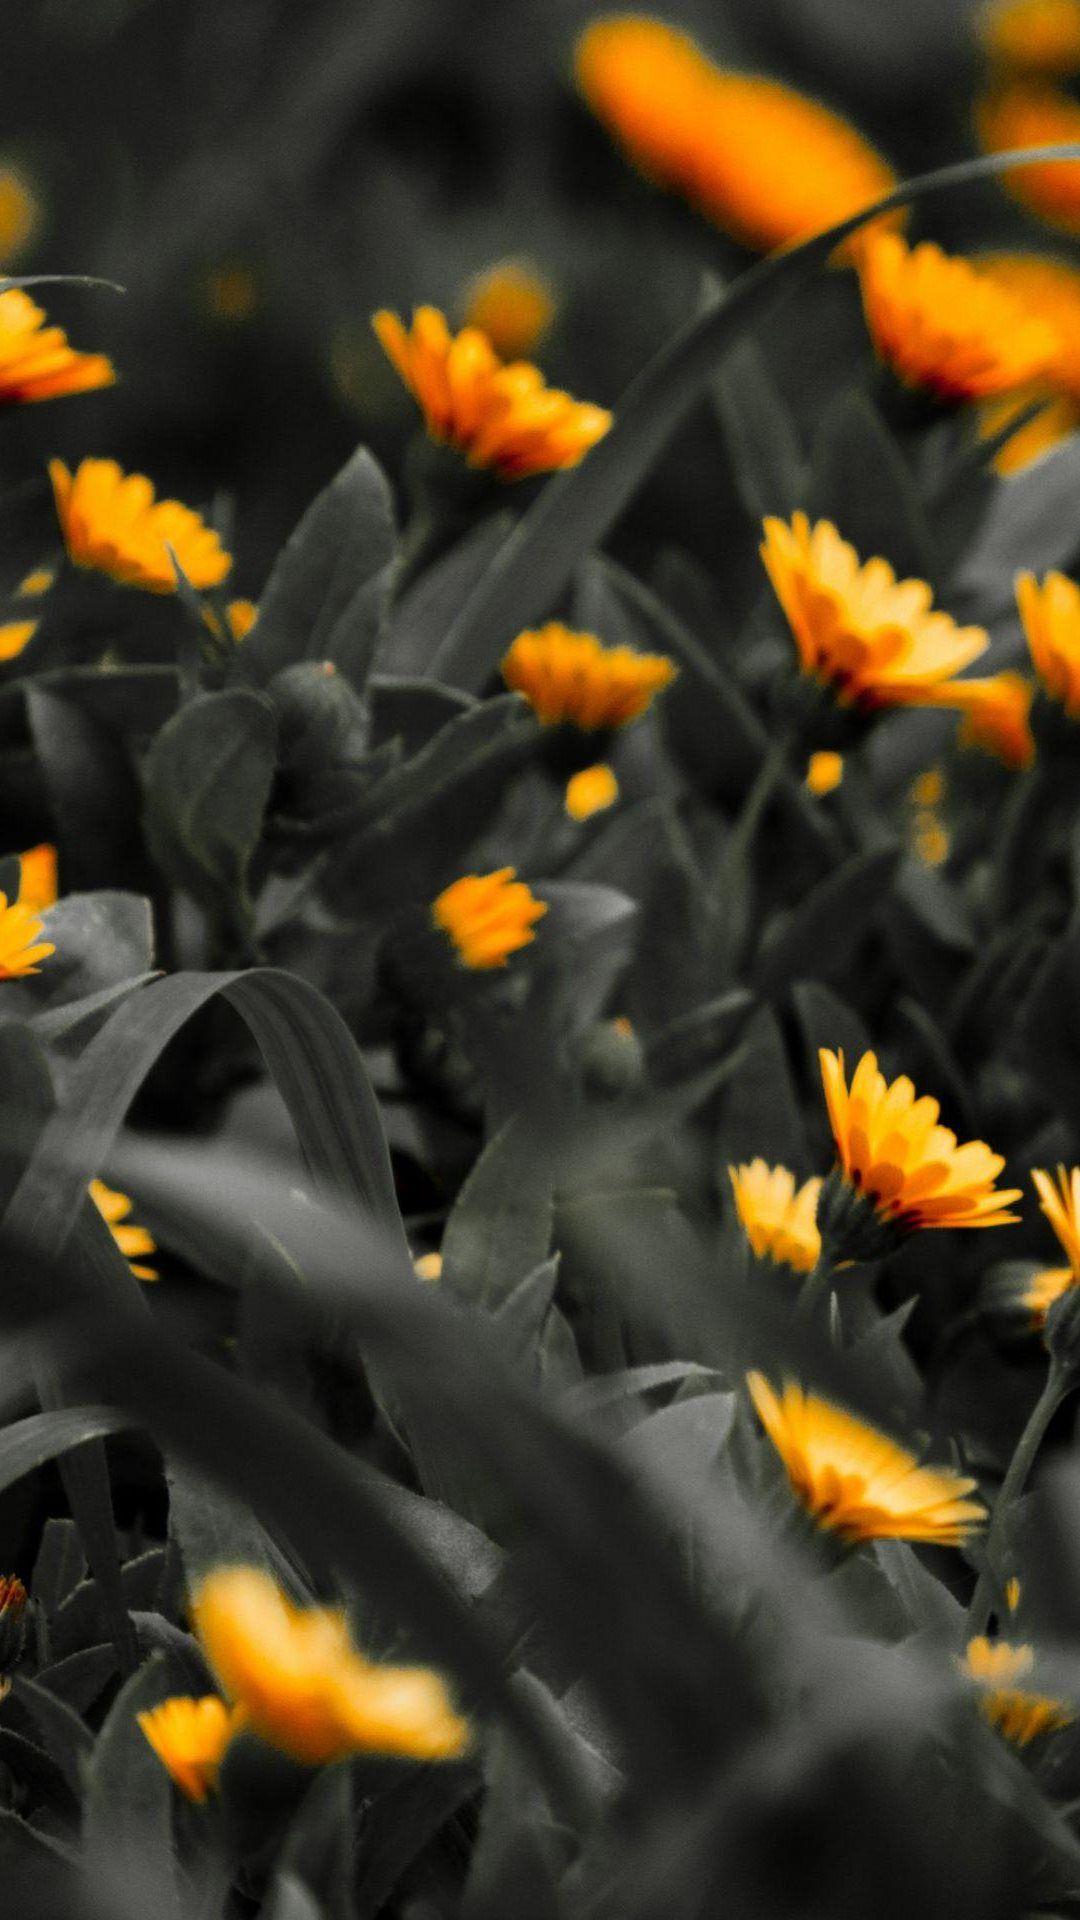 The Orange To Black Fade Black Wallpaper Iphone Black Wallpaper Iphone Wallpaper